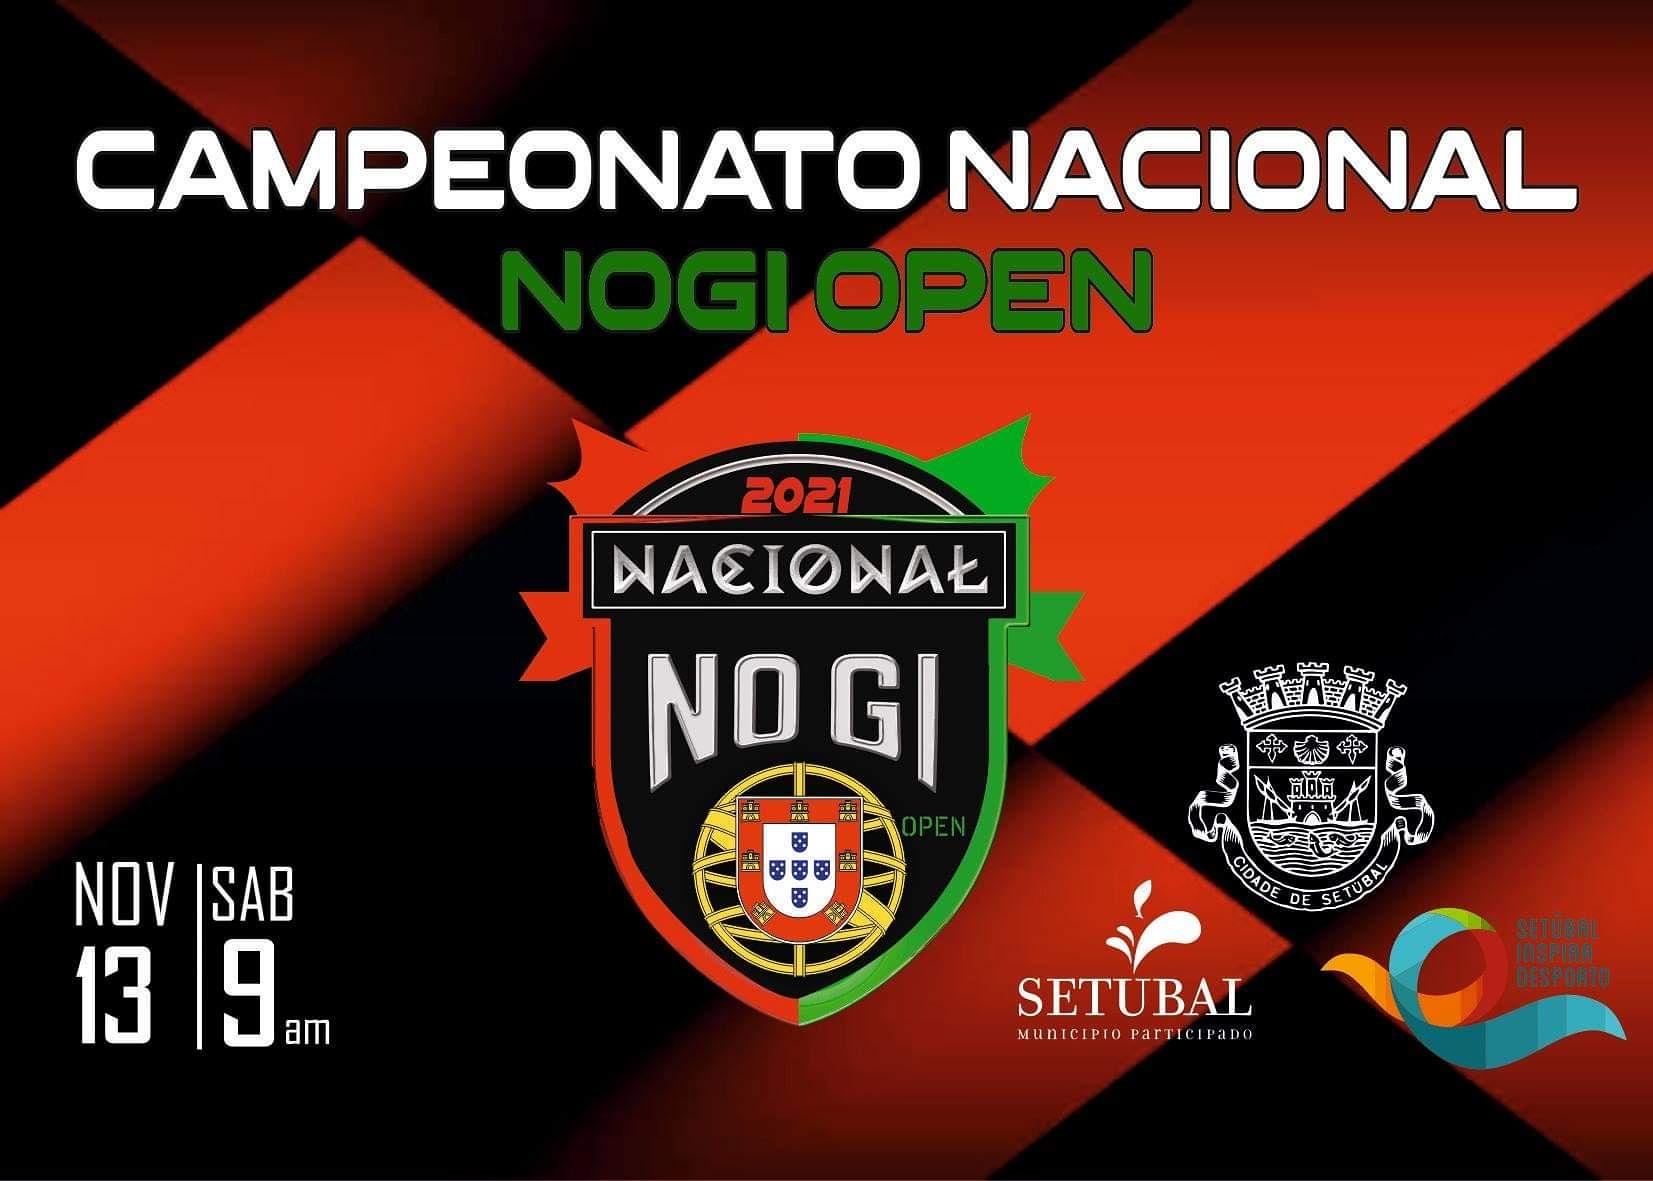 8º Campeonato Nacional SJJIF NOGI OPEN